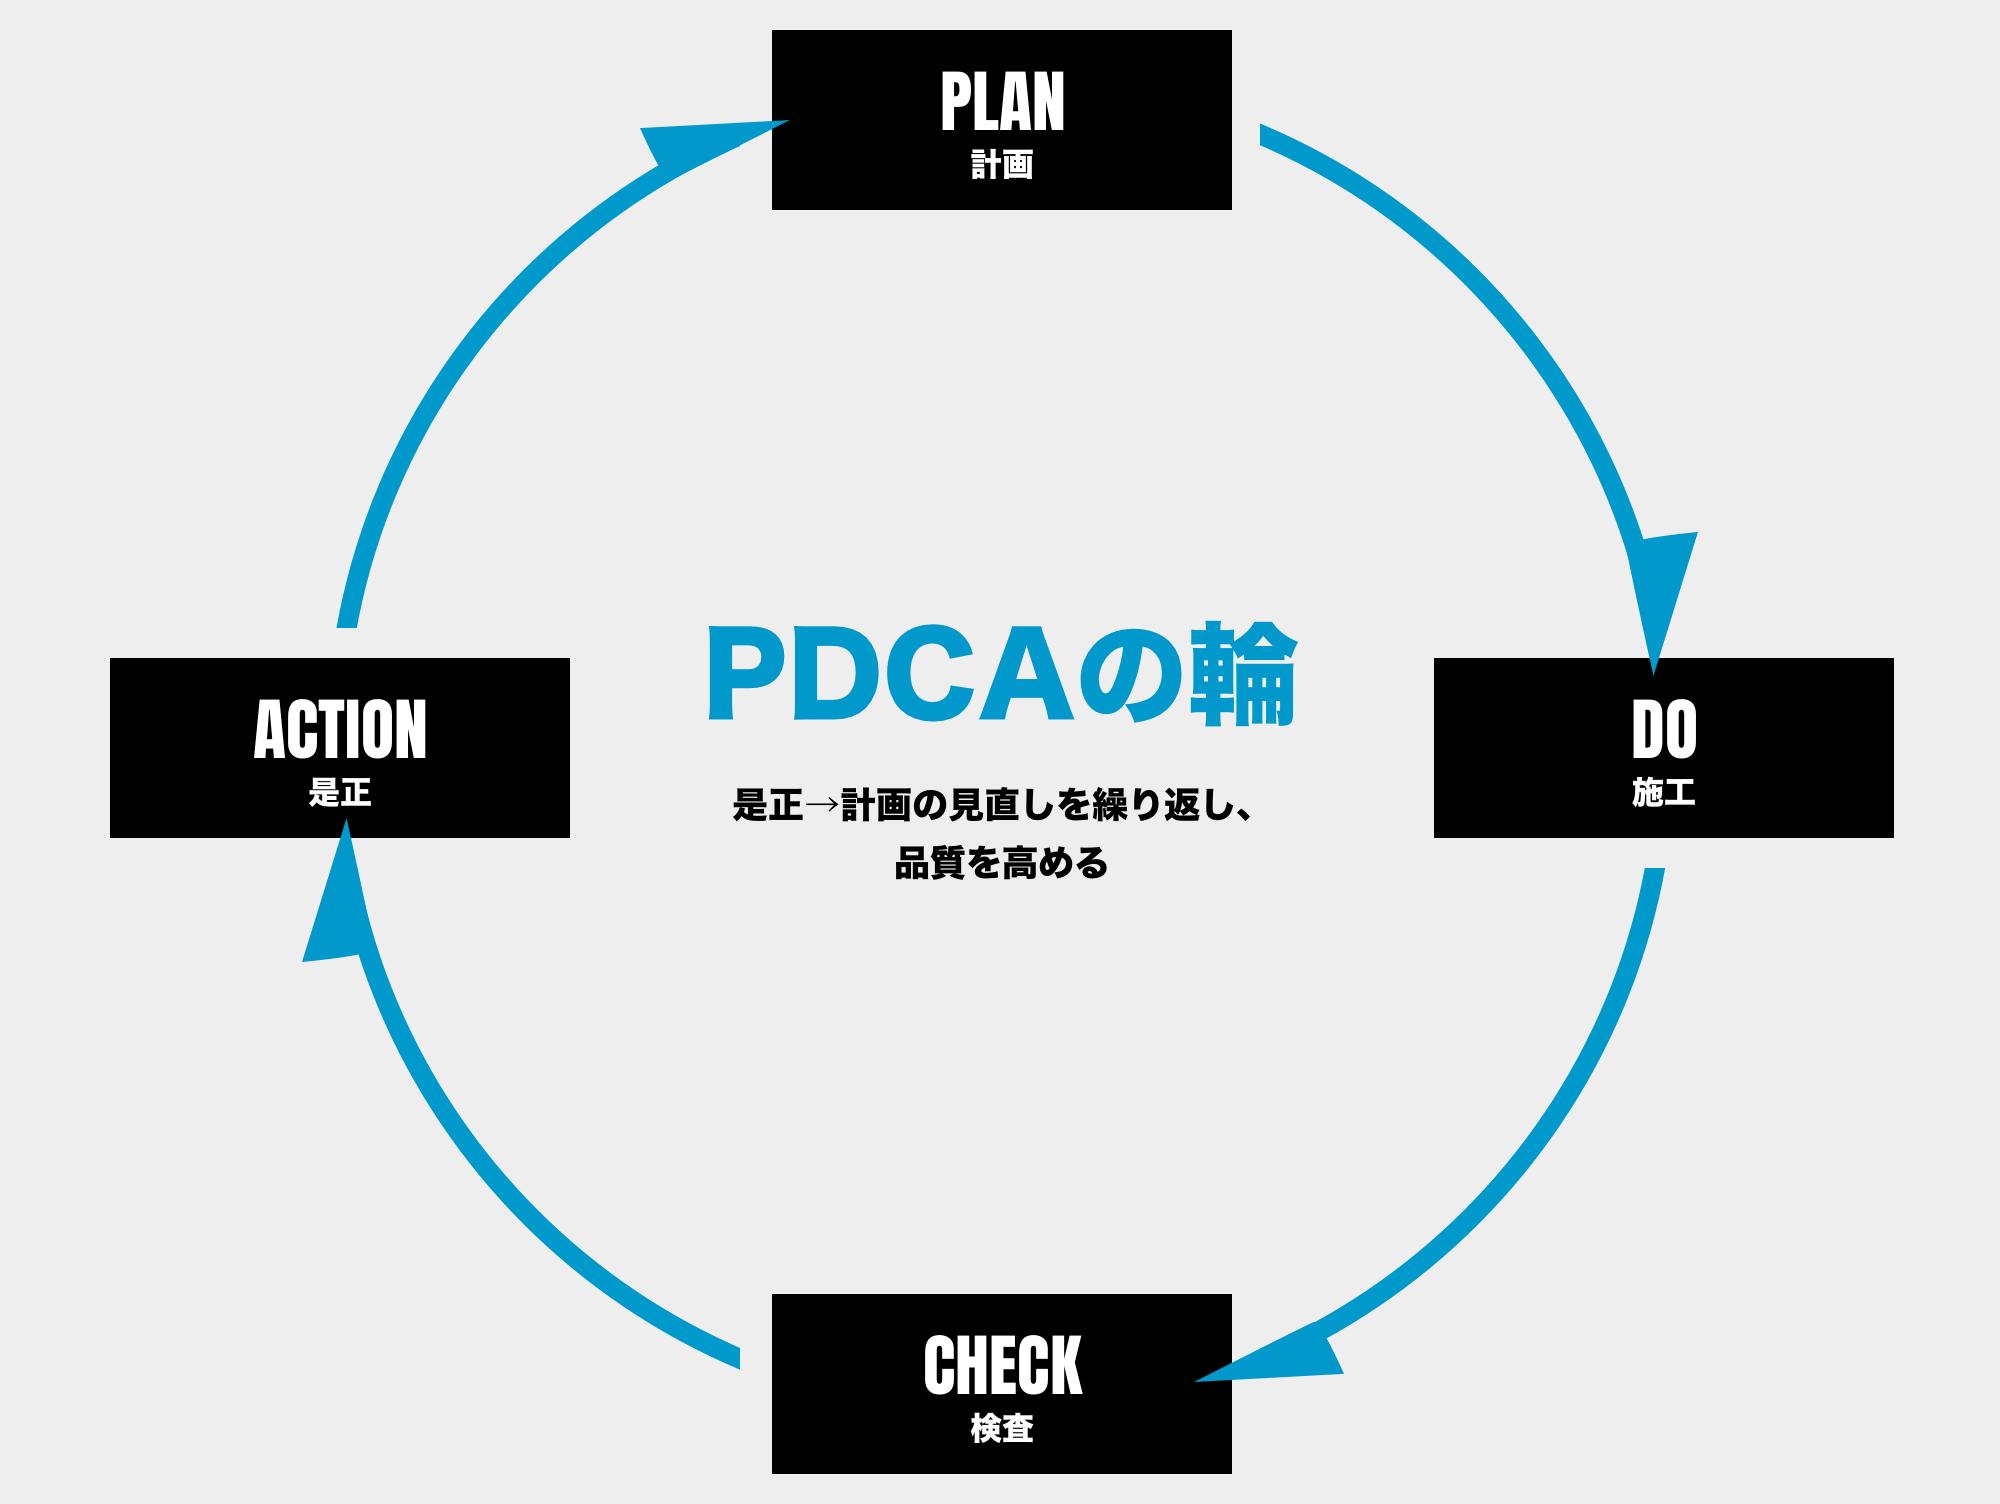 PDCAの輪